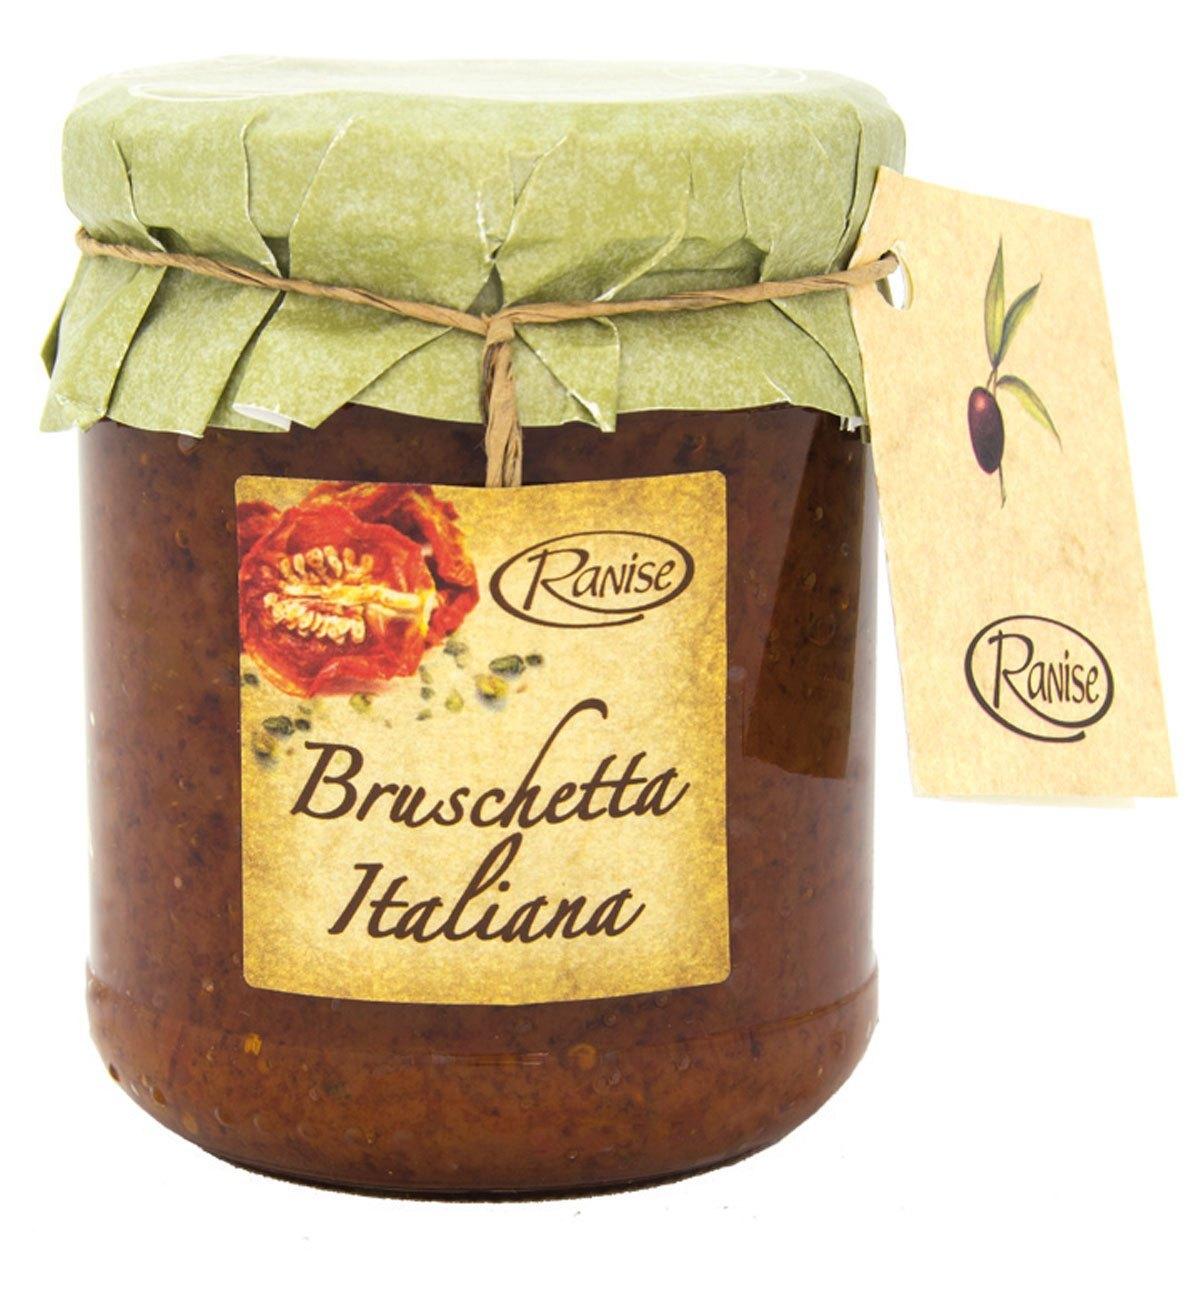 Bruschetta Italian, Ranise